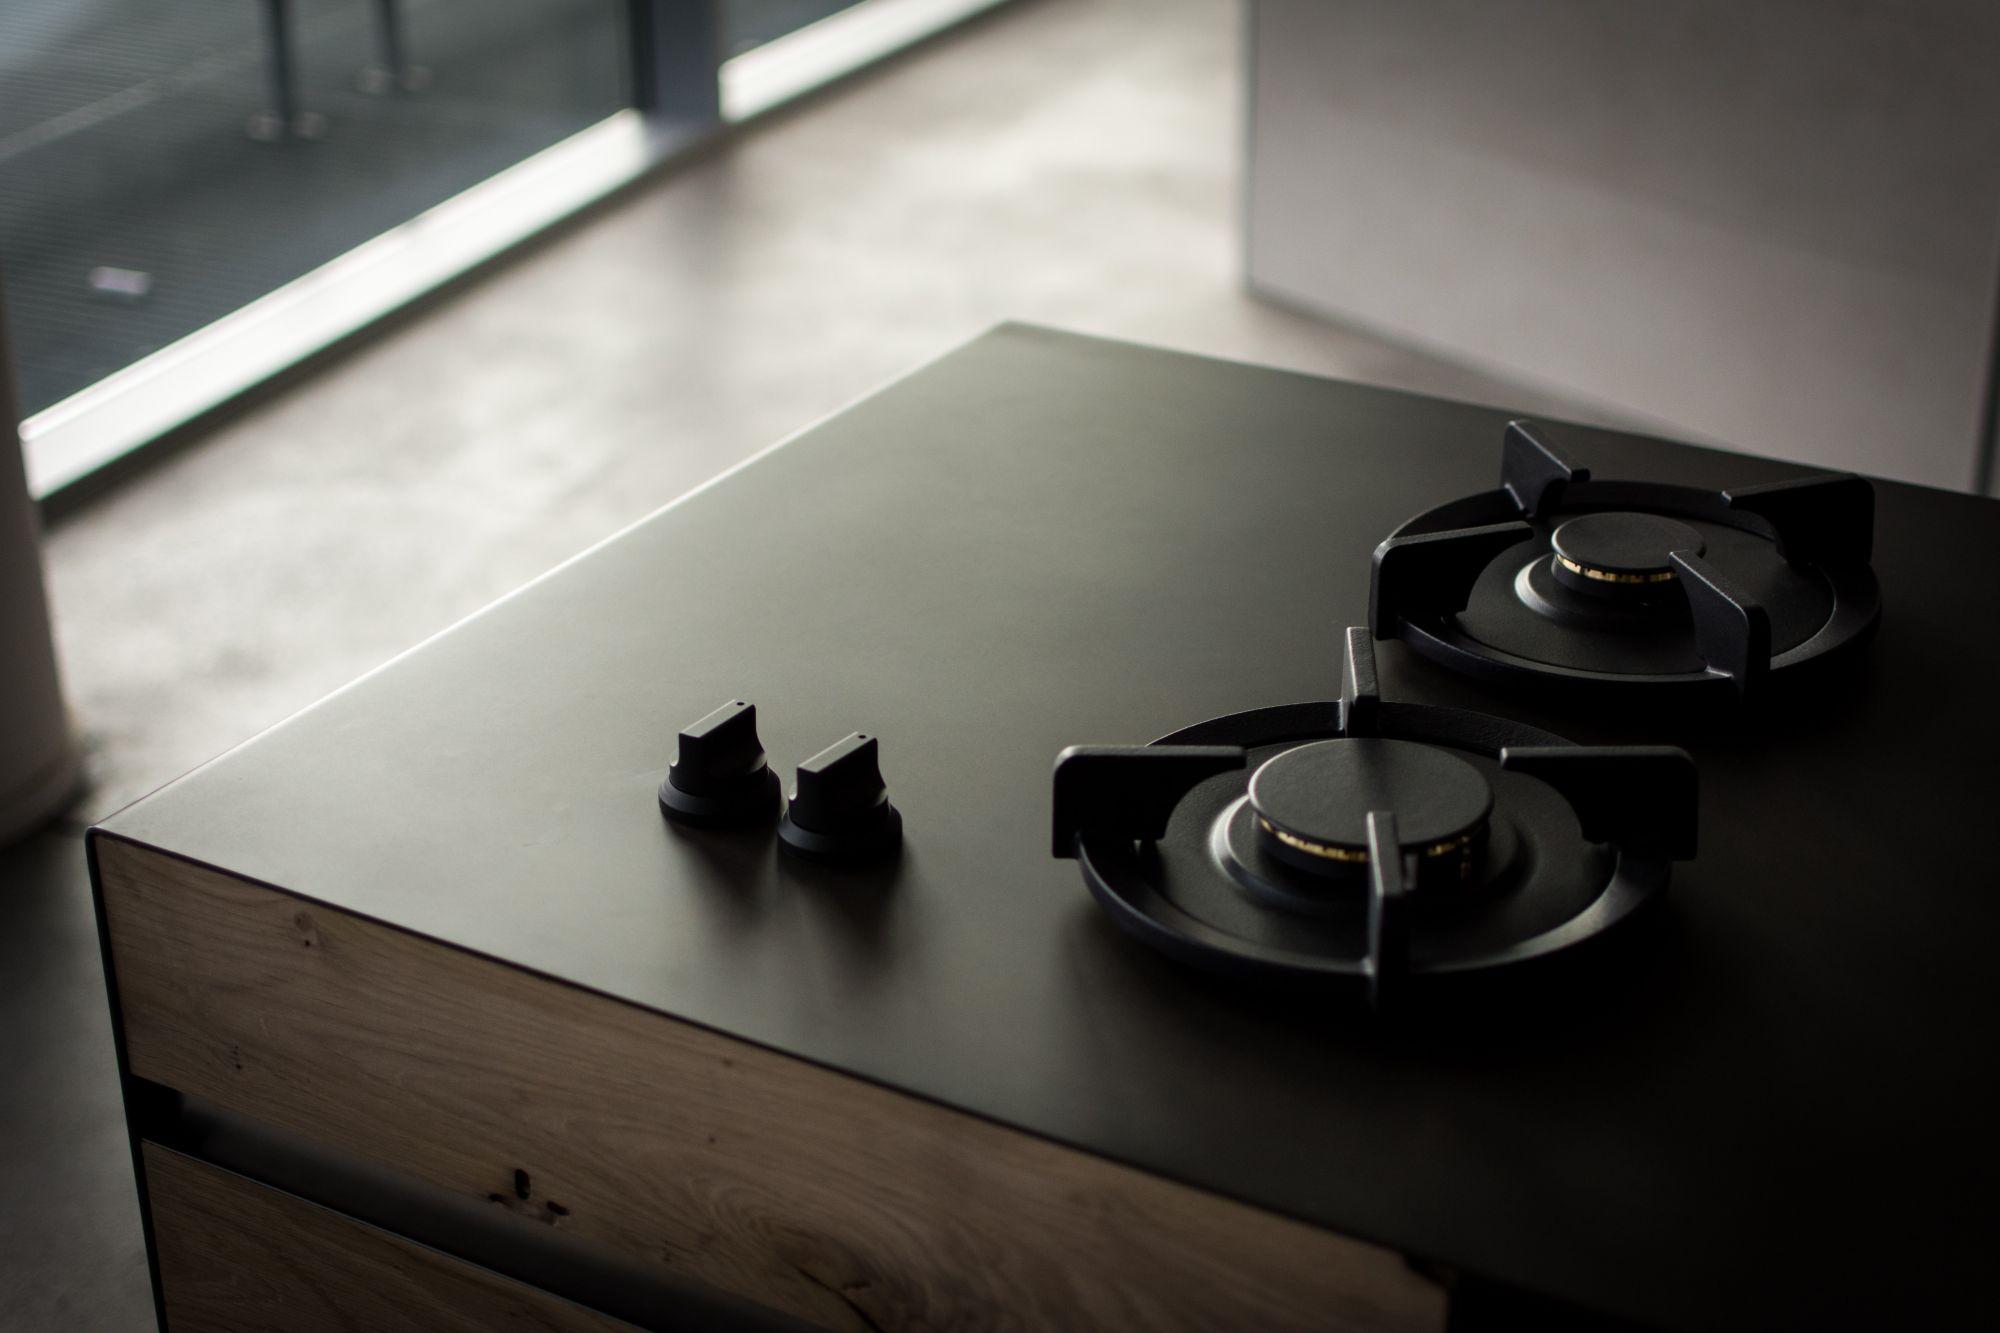 Piano cottura a gas in cucina: restyling e design